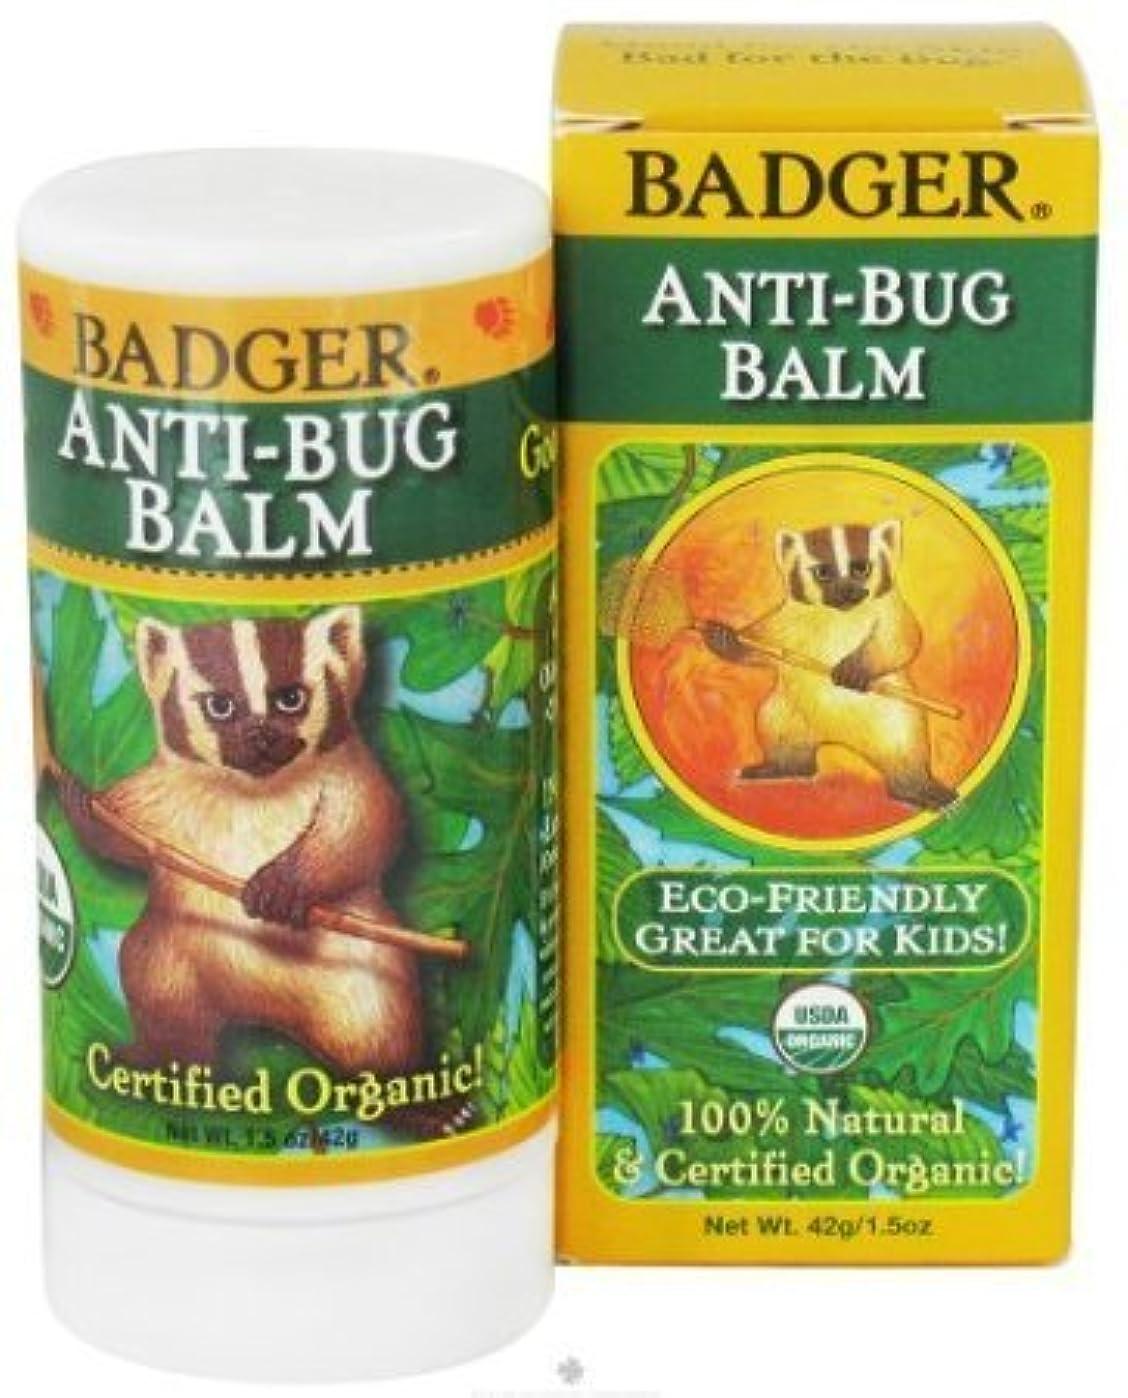 アレルギー容量永遠に[海外直送品] バジャー(Badger) プロテクトバームスティック(虫よけバーム) 42g